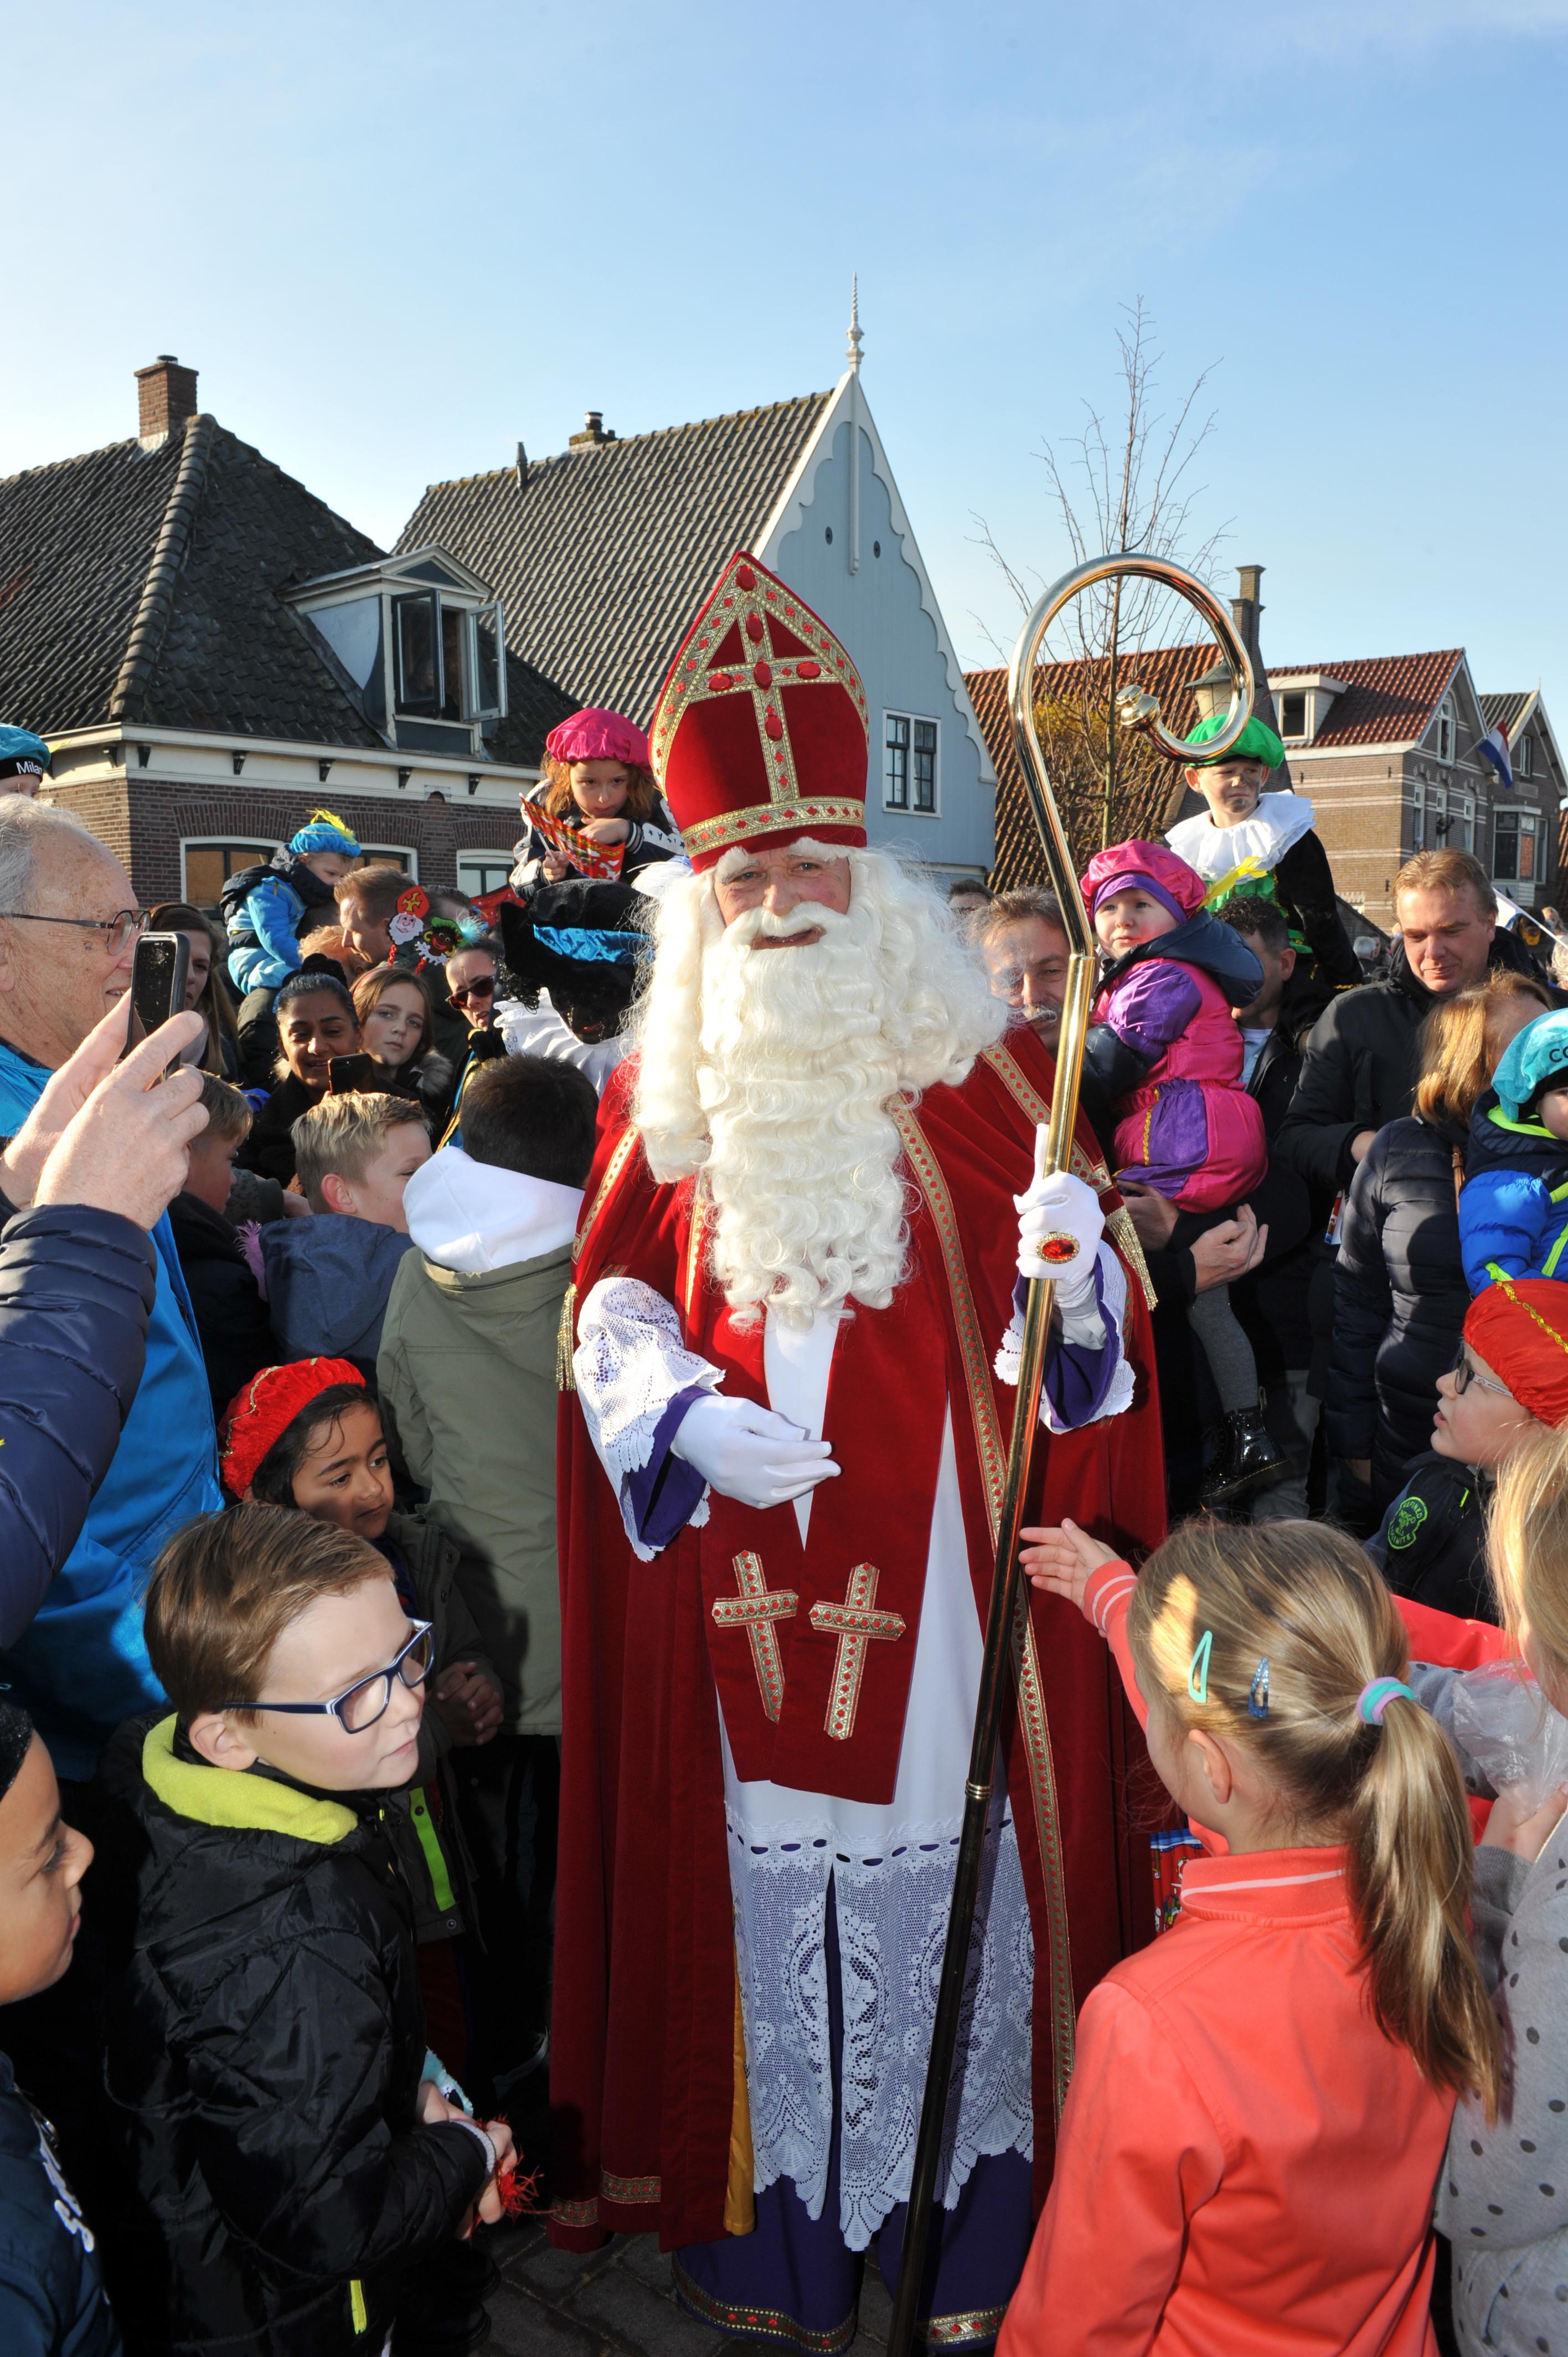 'Alternatief' voor intocht Sinterklaas in Uitgeest